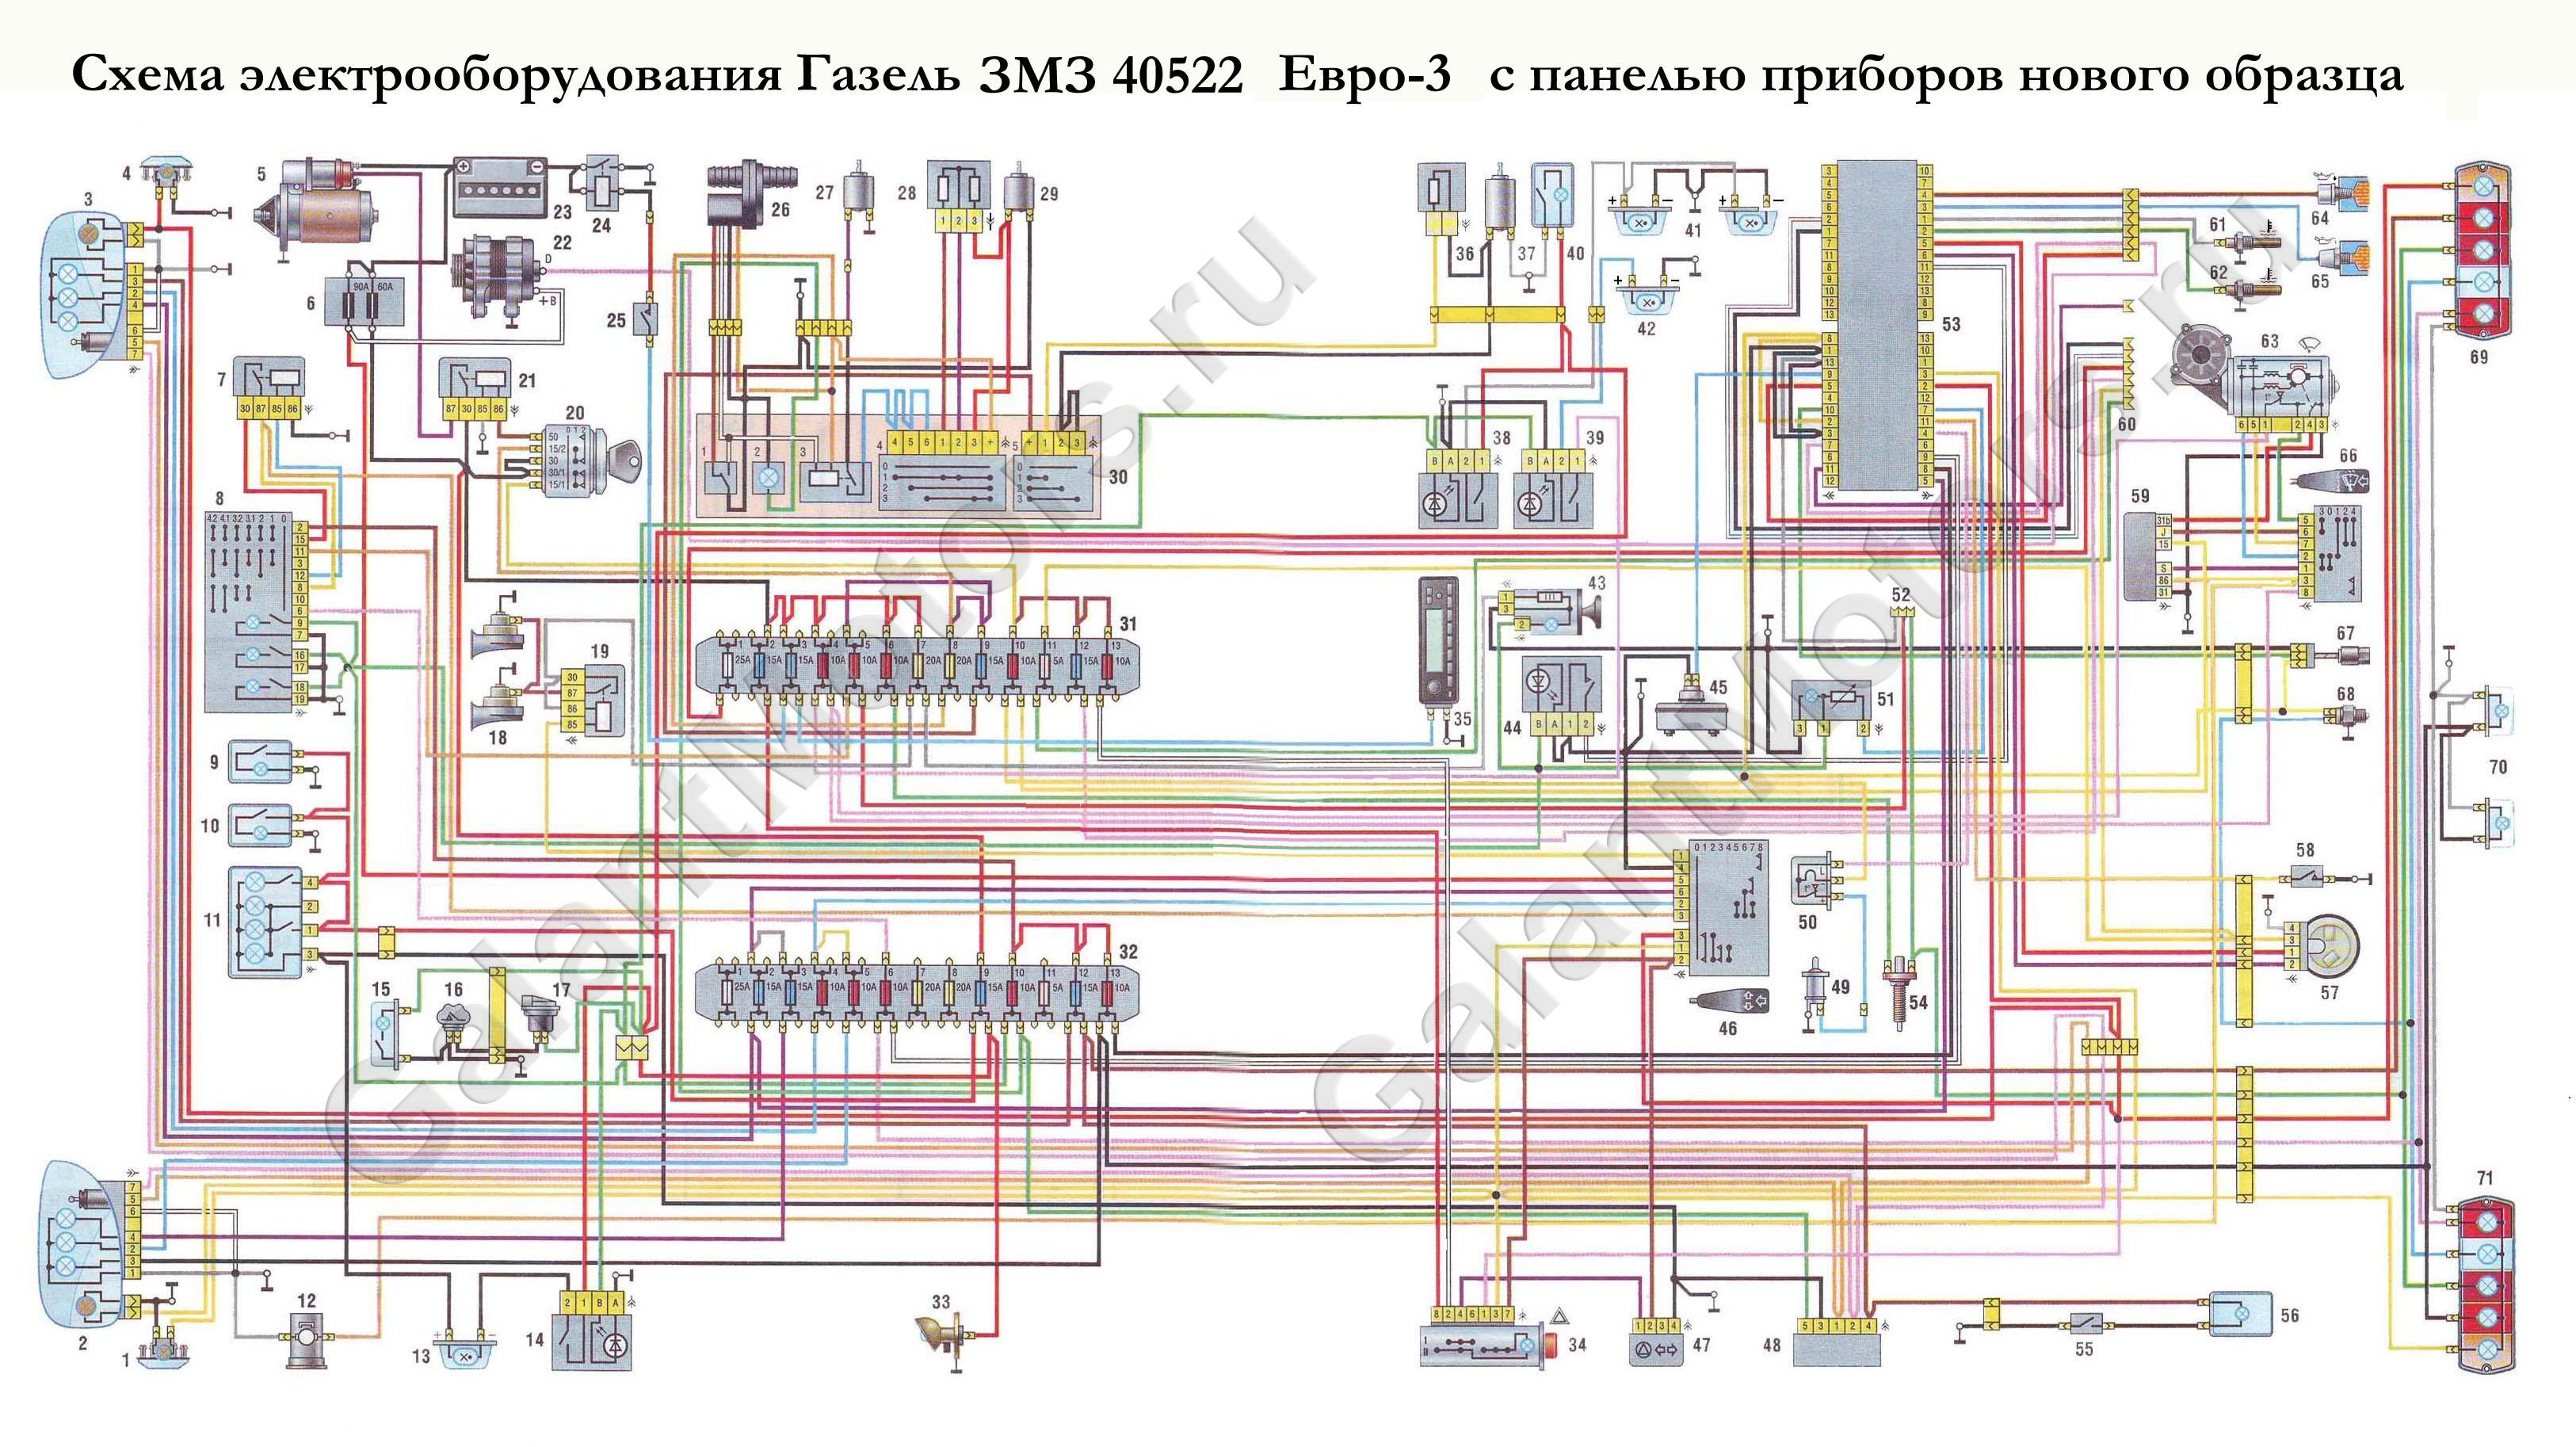 Схема электропроводки газ 3302 406 карбюратор6